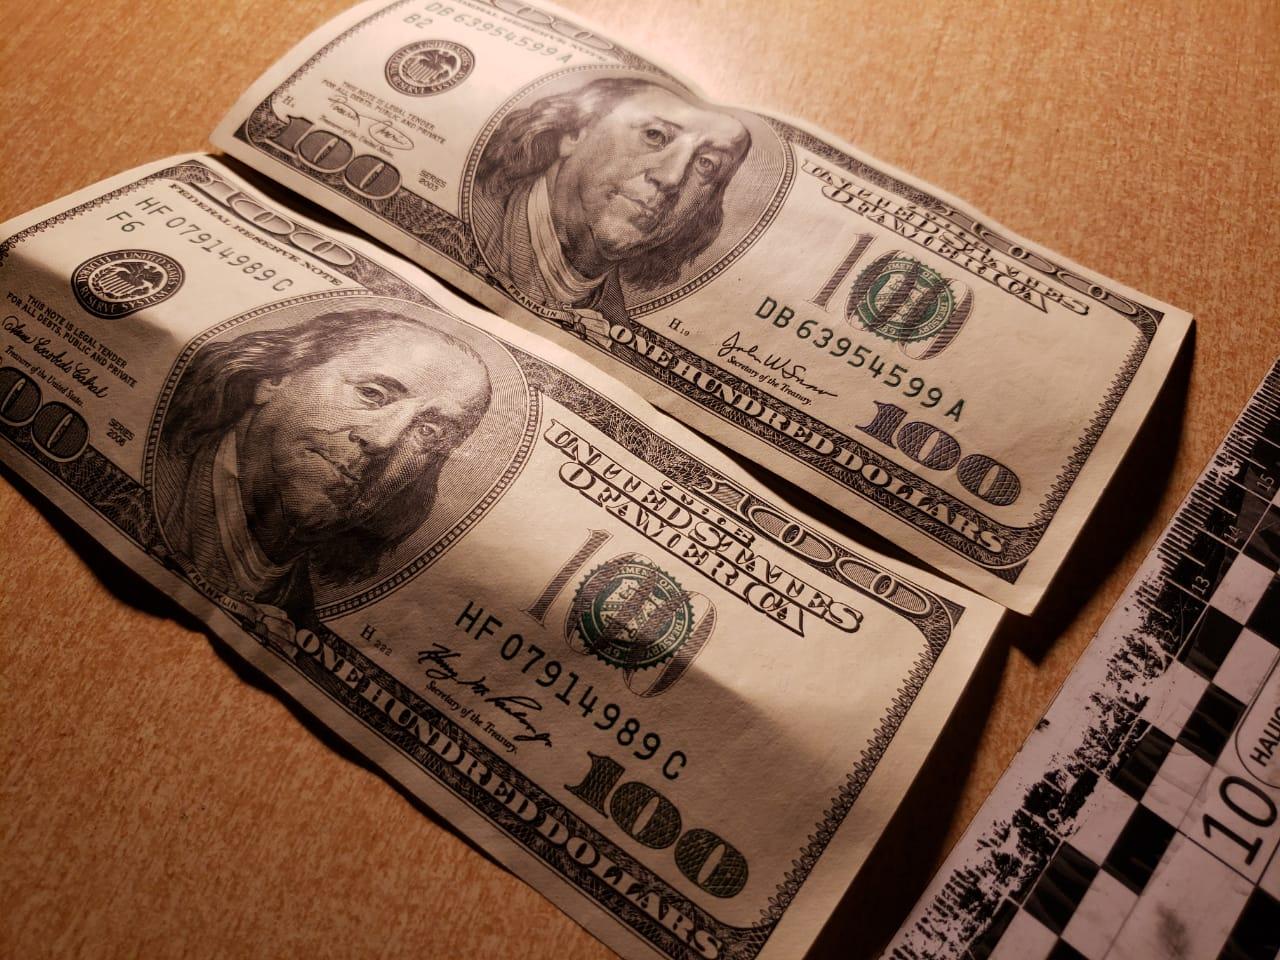 Учора ввечері на митному посту «Ужгород» Закарпатської митниці ДФС було зафіксовано факт дачі 200$ неправомірної вигоди.